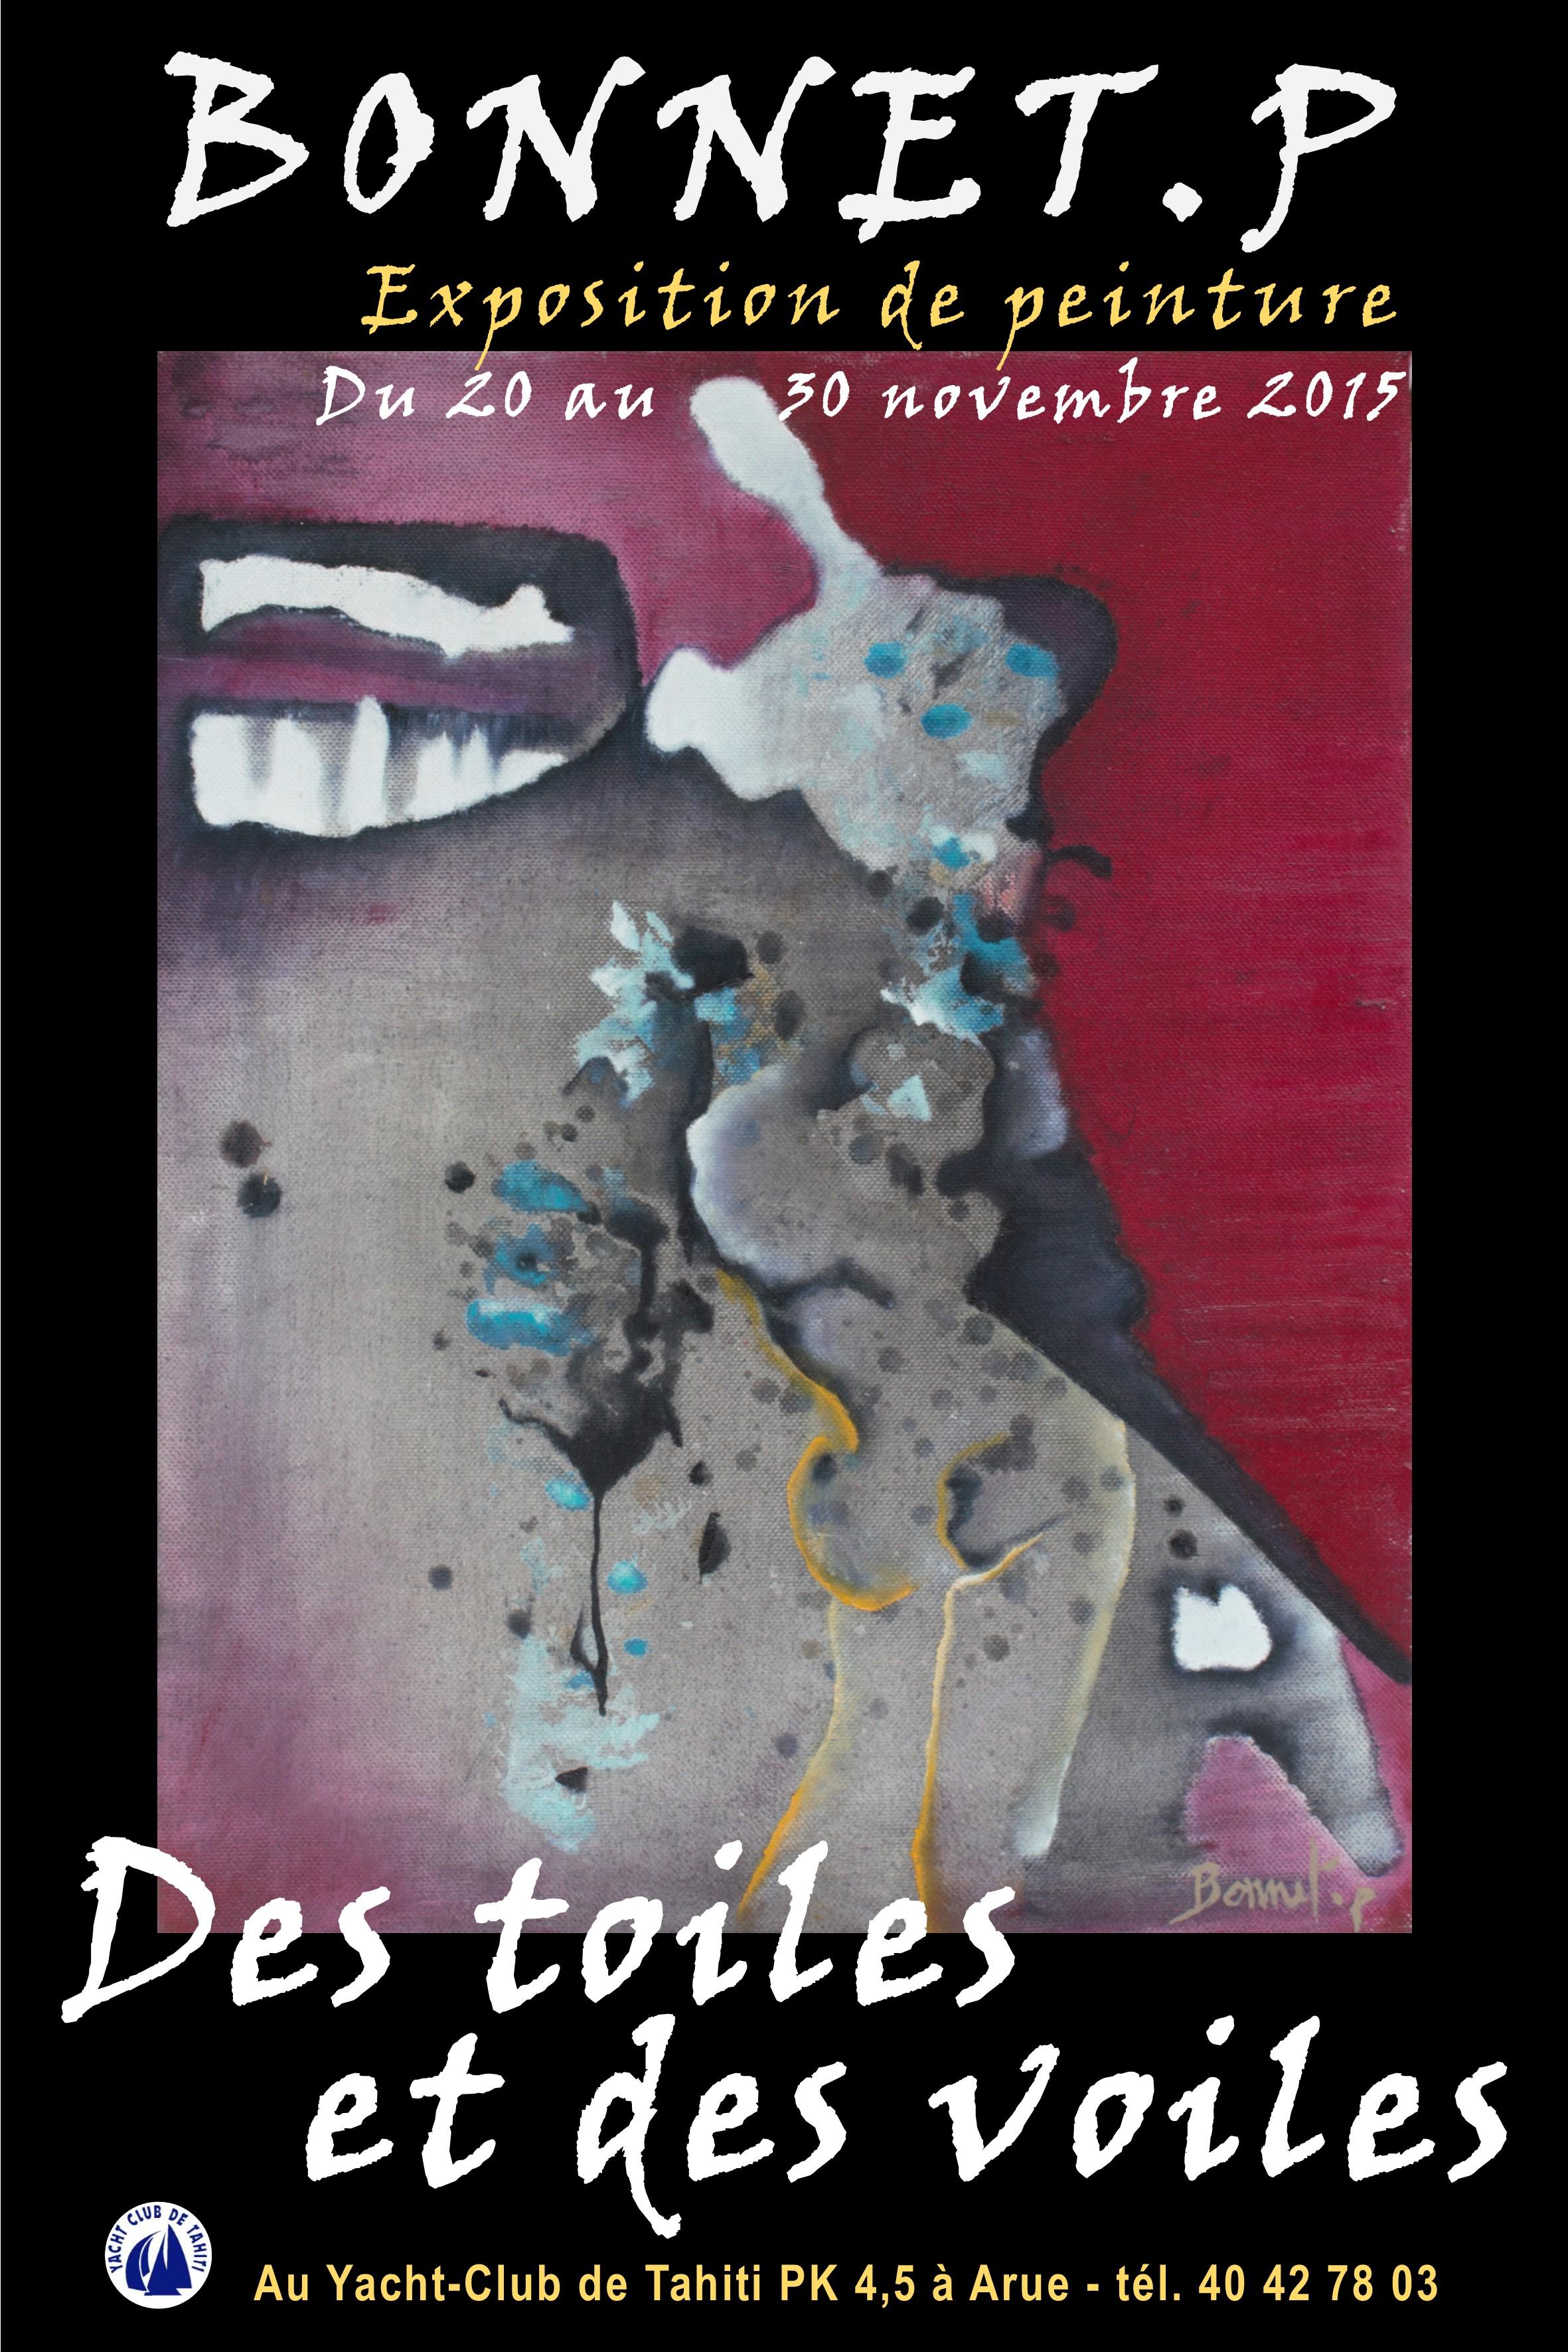 """""""Des toiles et des voiles"""" de Patricia Bonnet"""